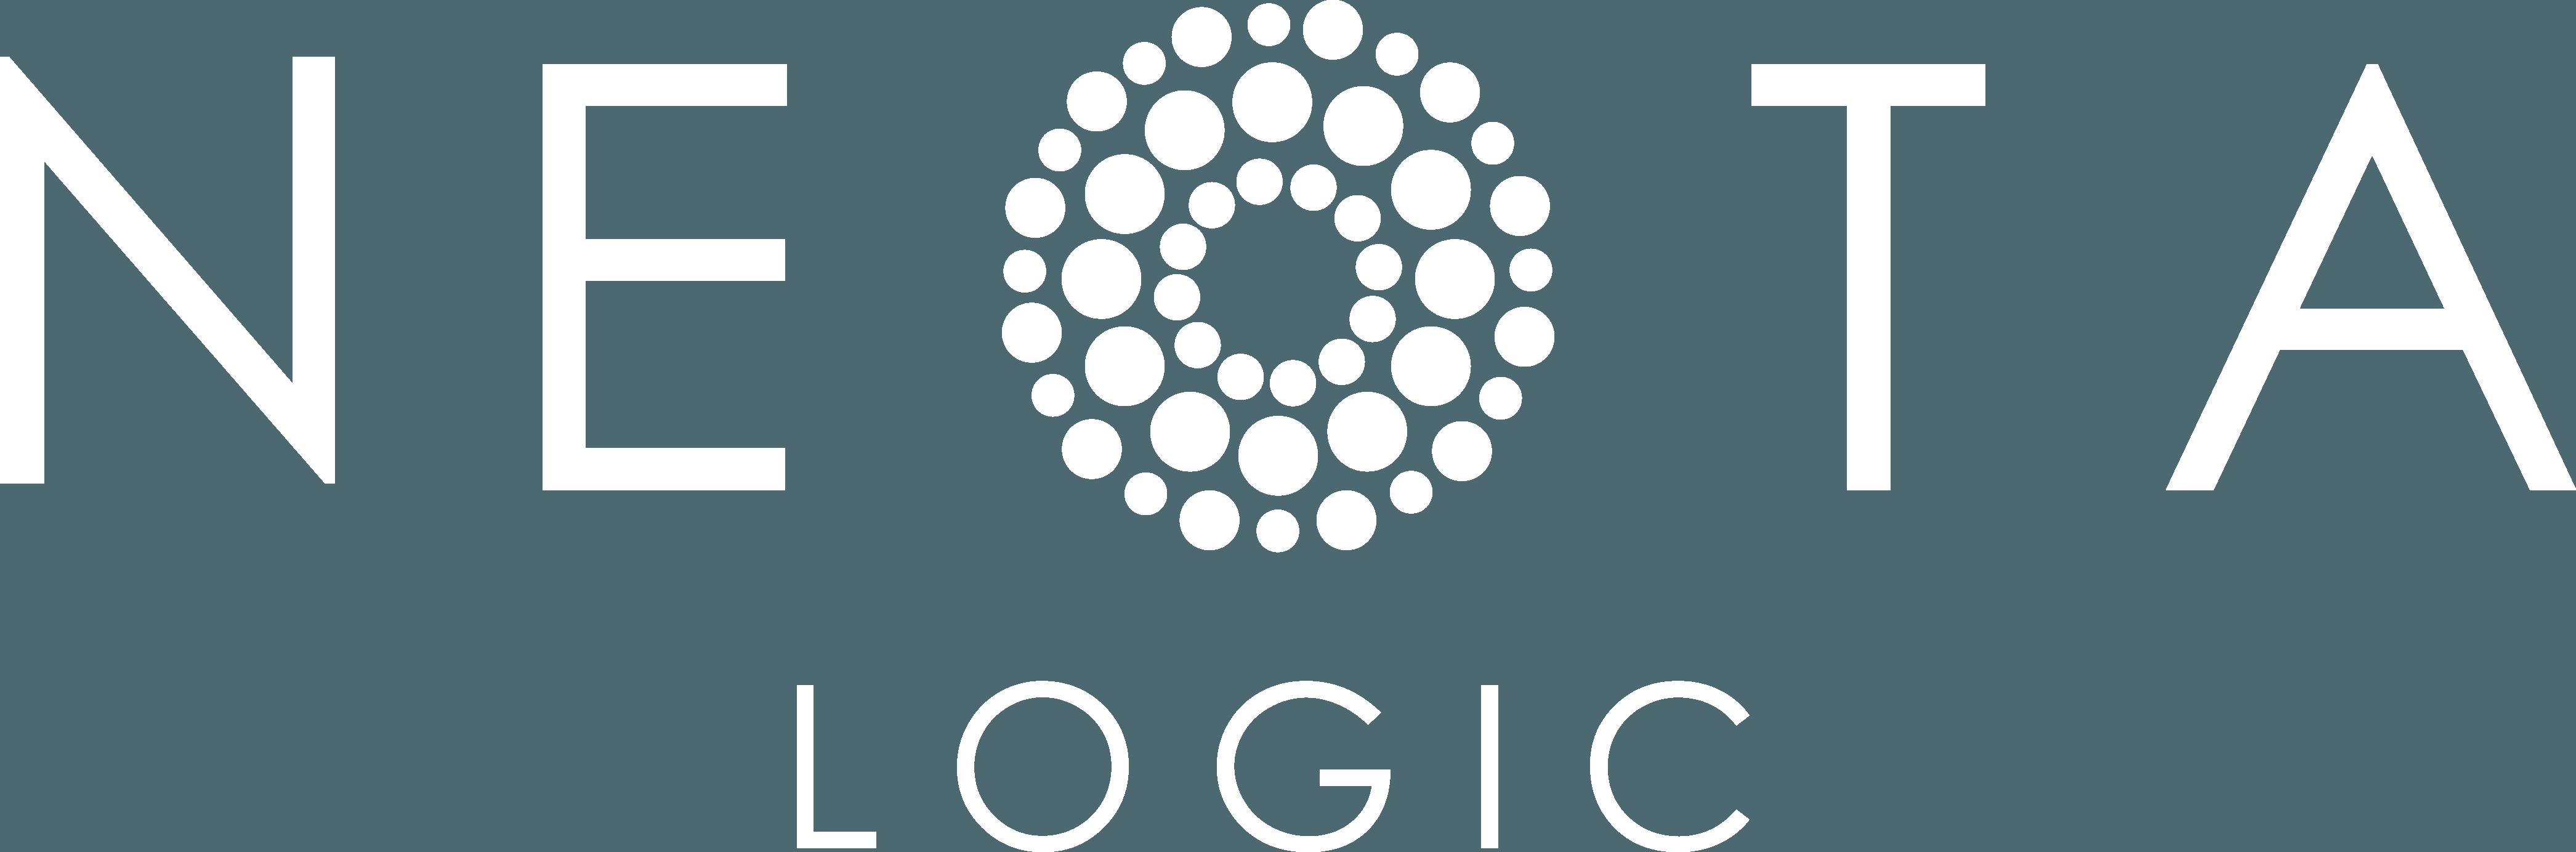 NLLogo-White-Stacked